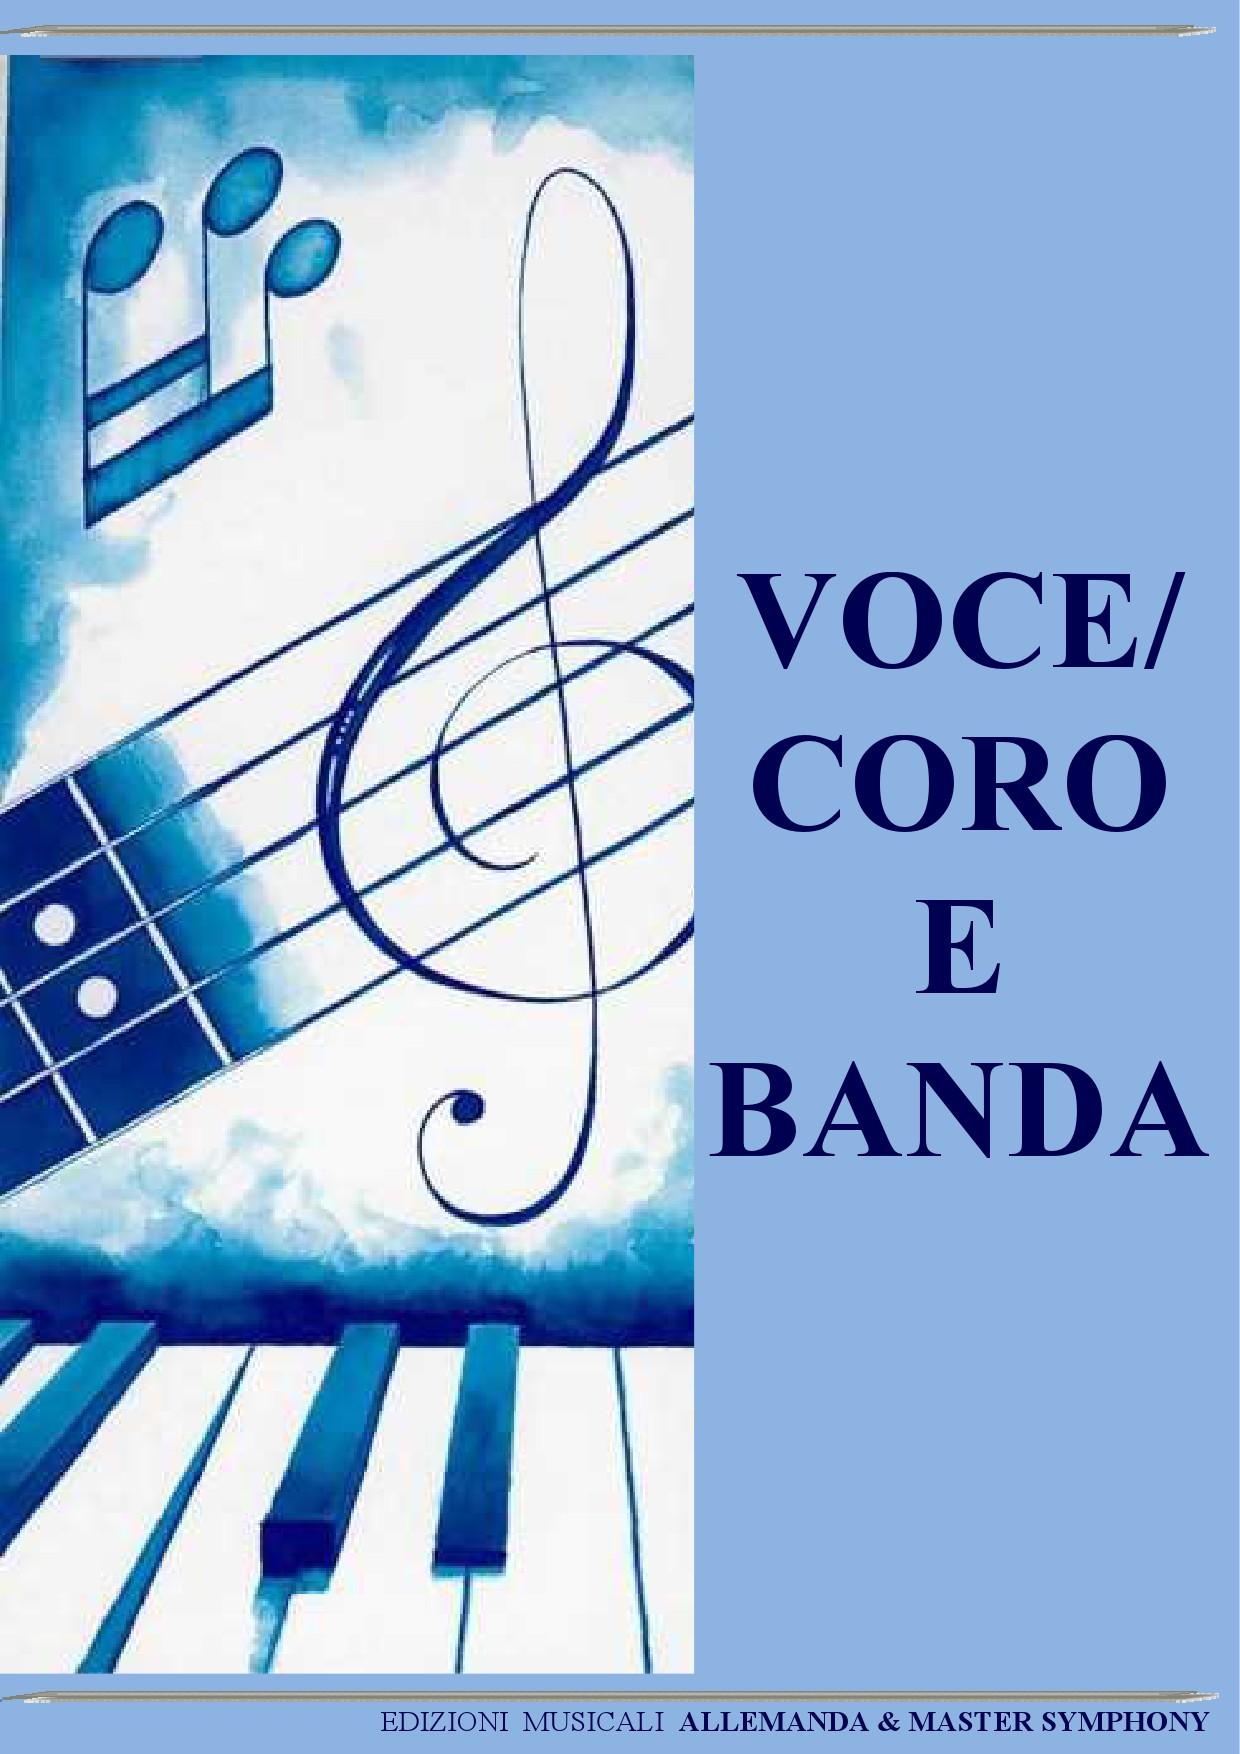 Voce / Coro e Banda